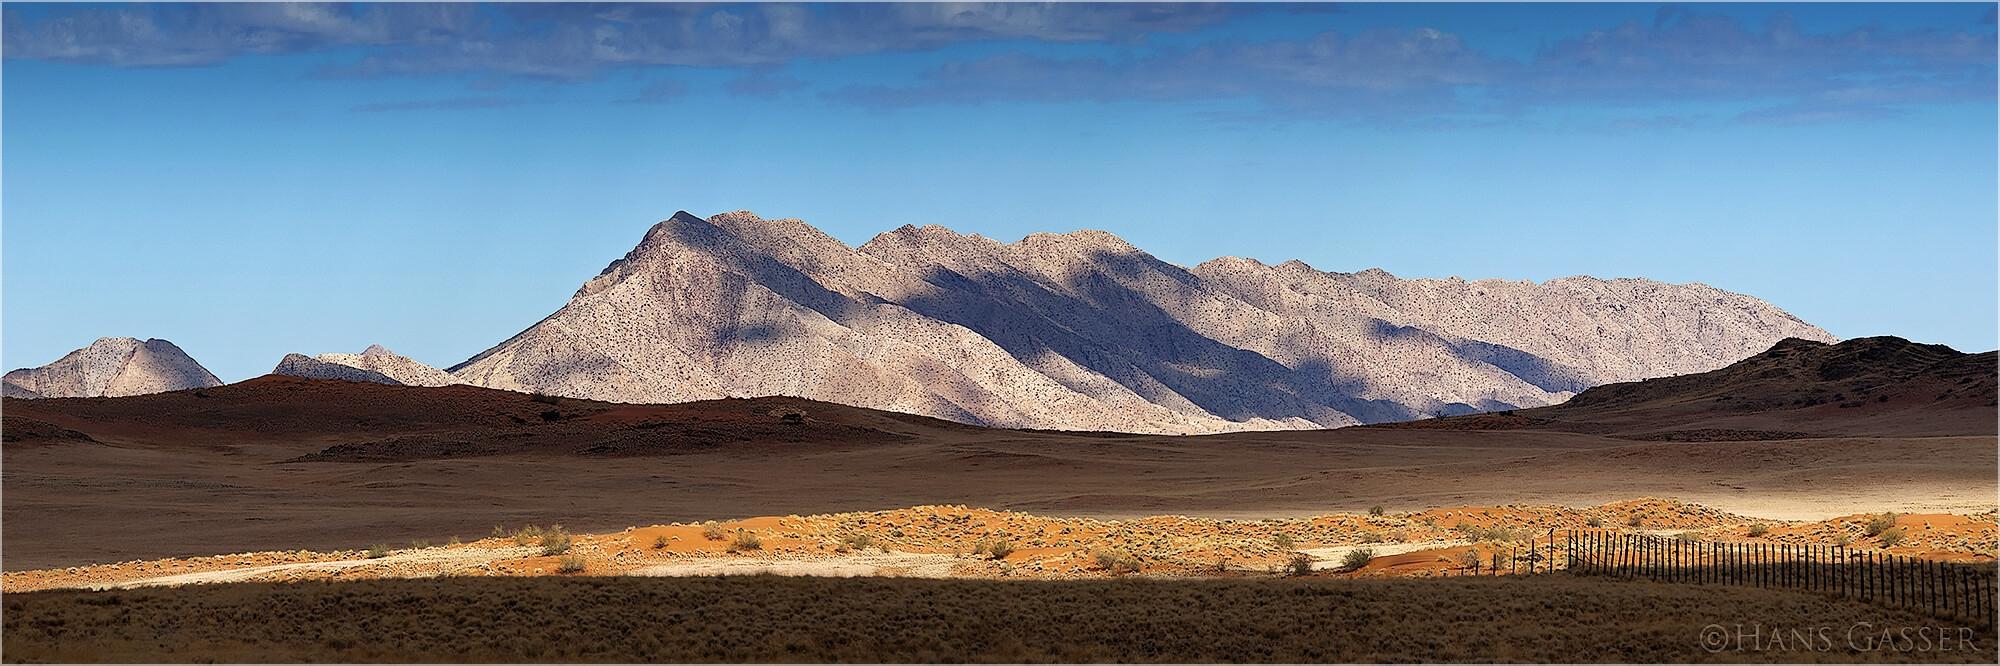 Panoramafoto der Landschaft Namibias